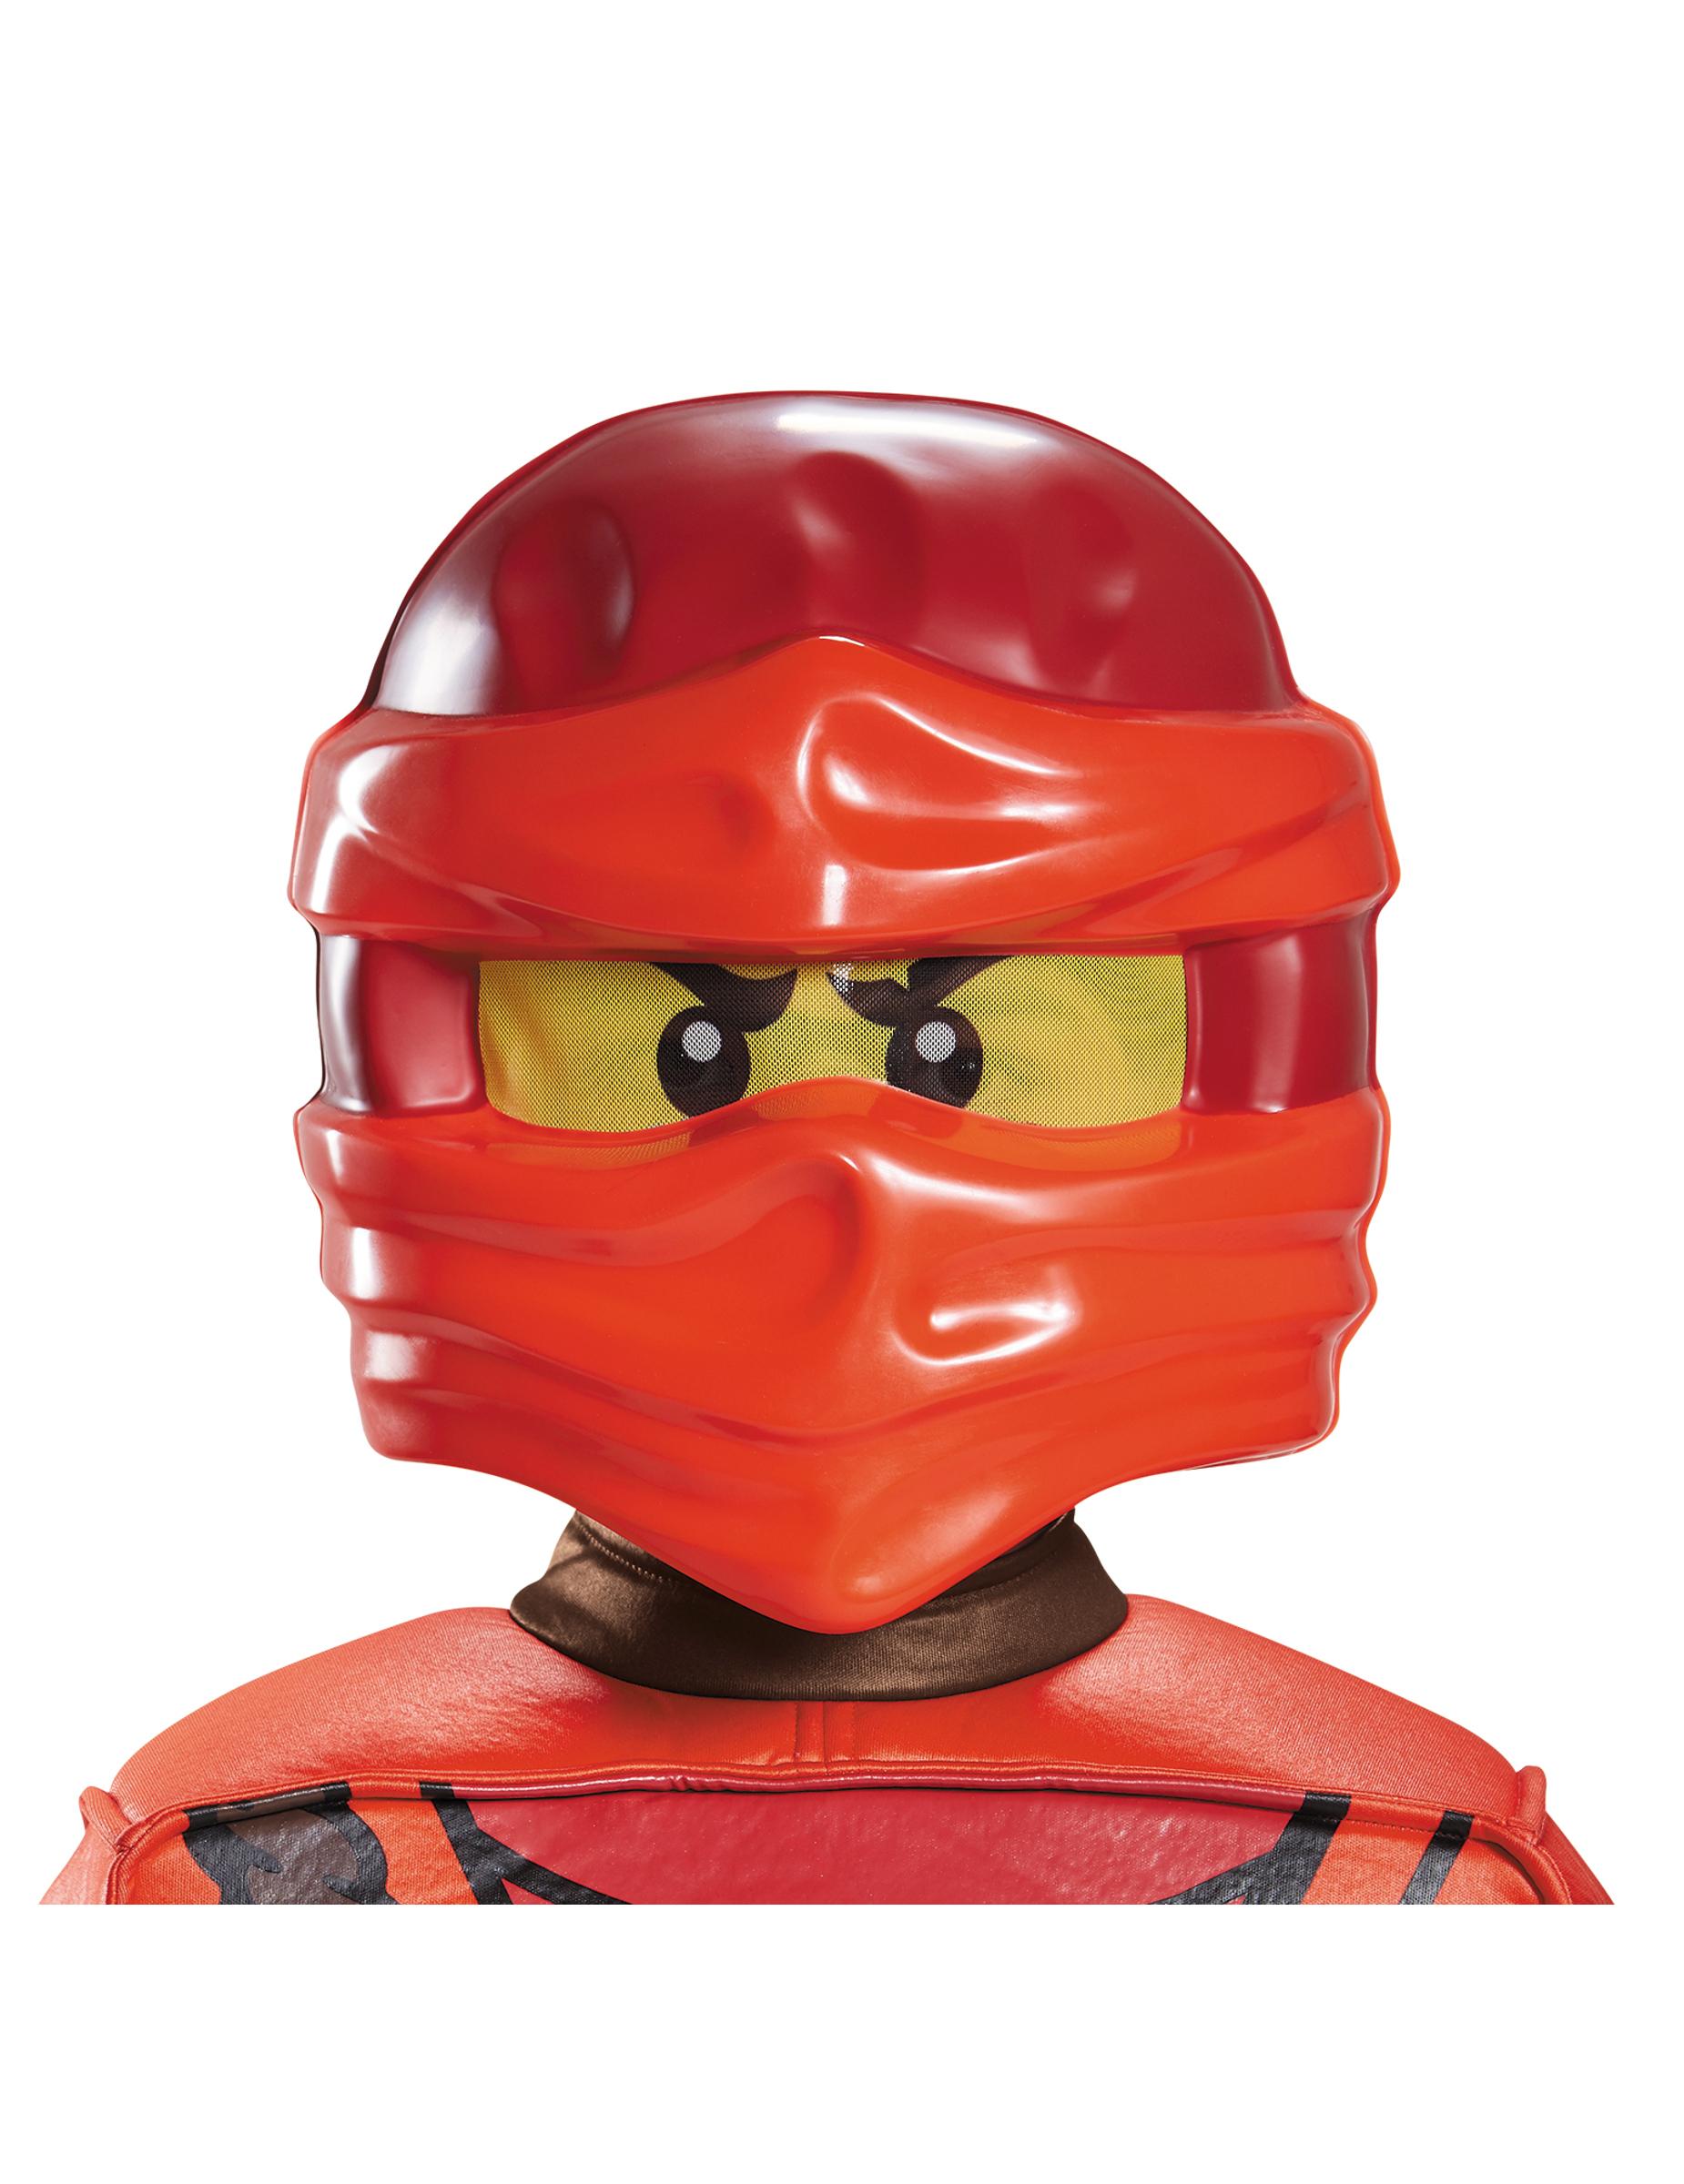 Maschera di kai ninjago™ lego® per bambino: maschere e vestiti di